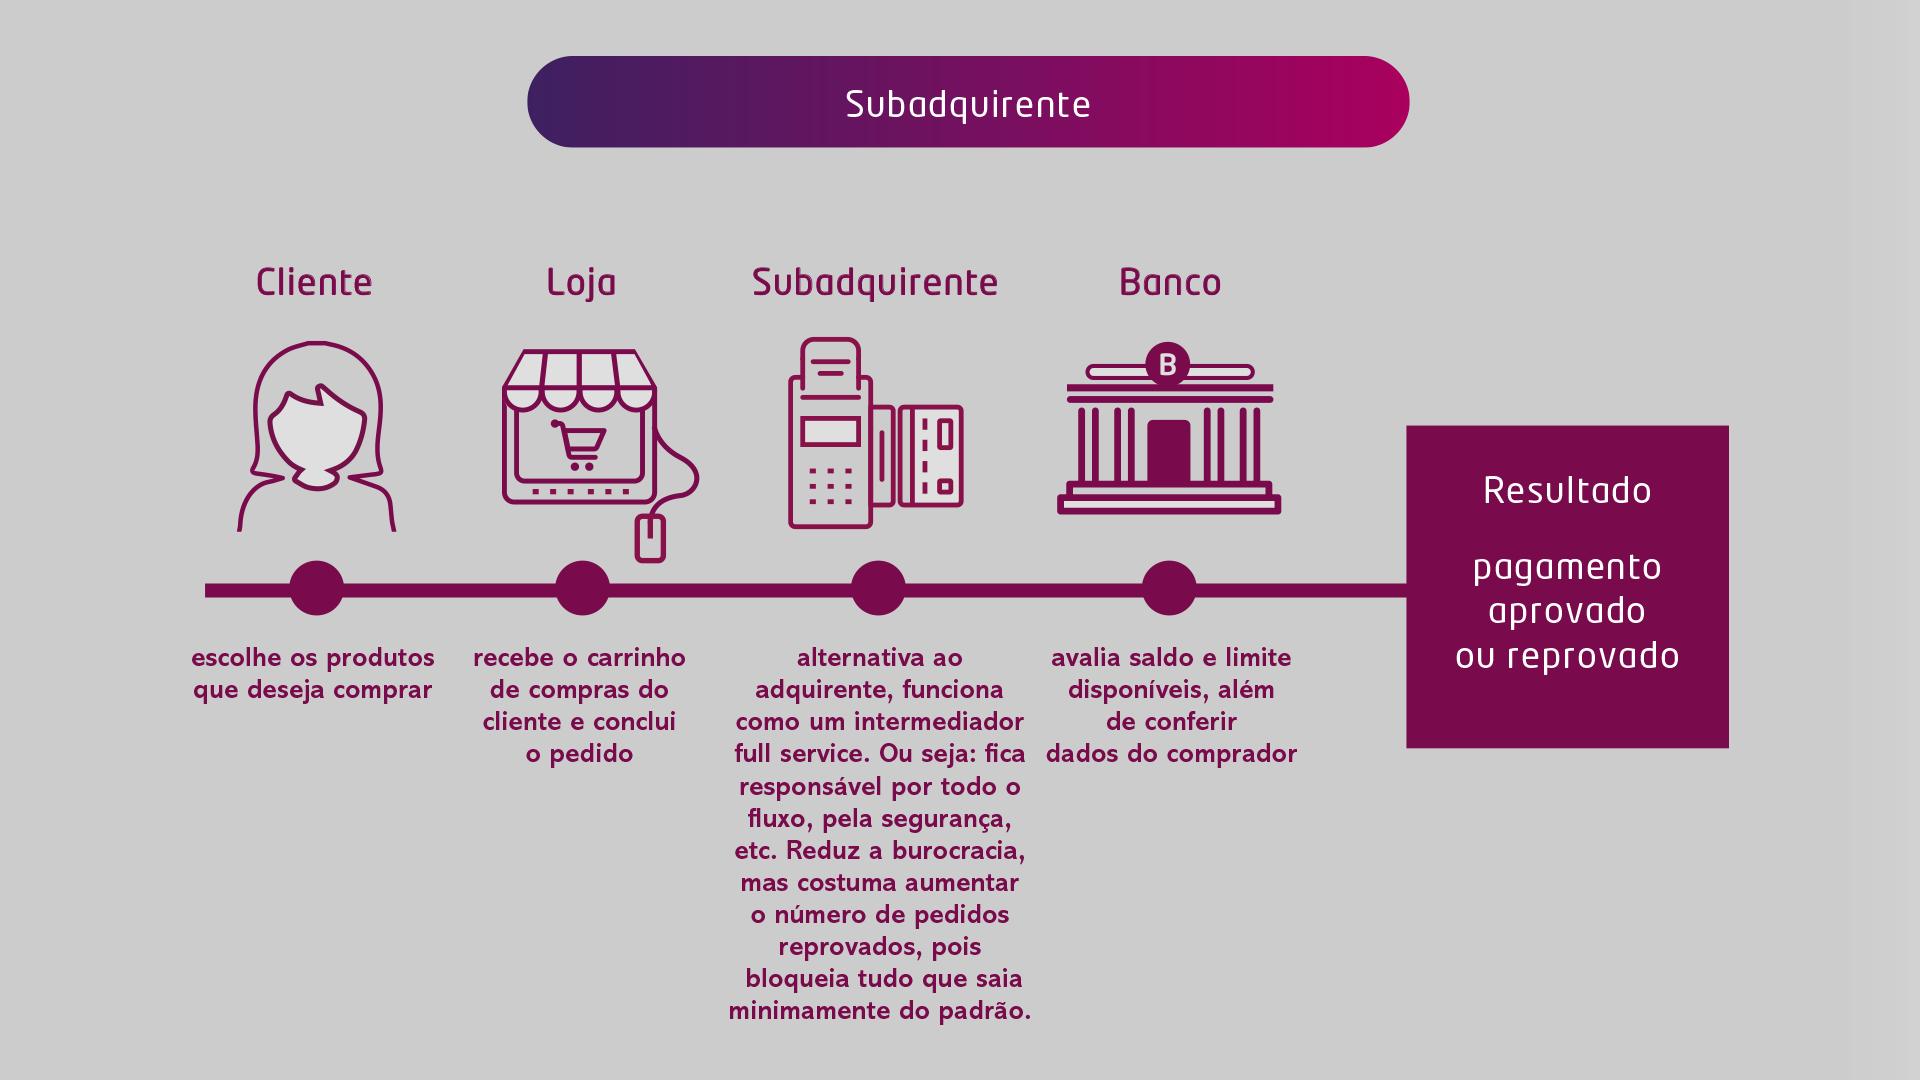 meios de pagamento online - subadquirente